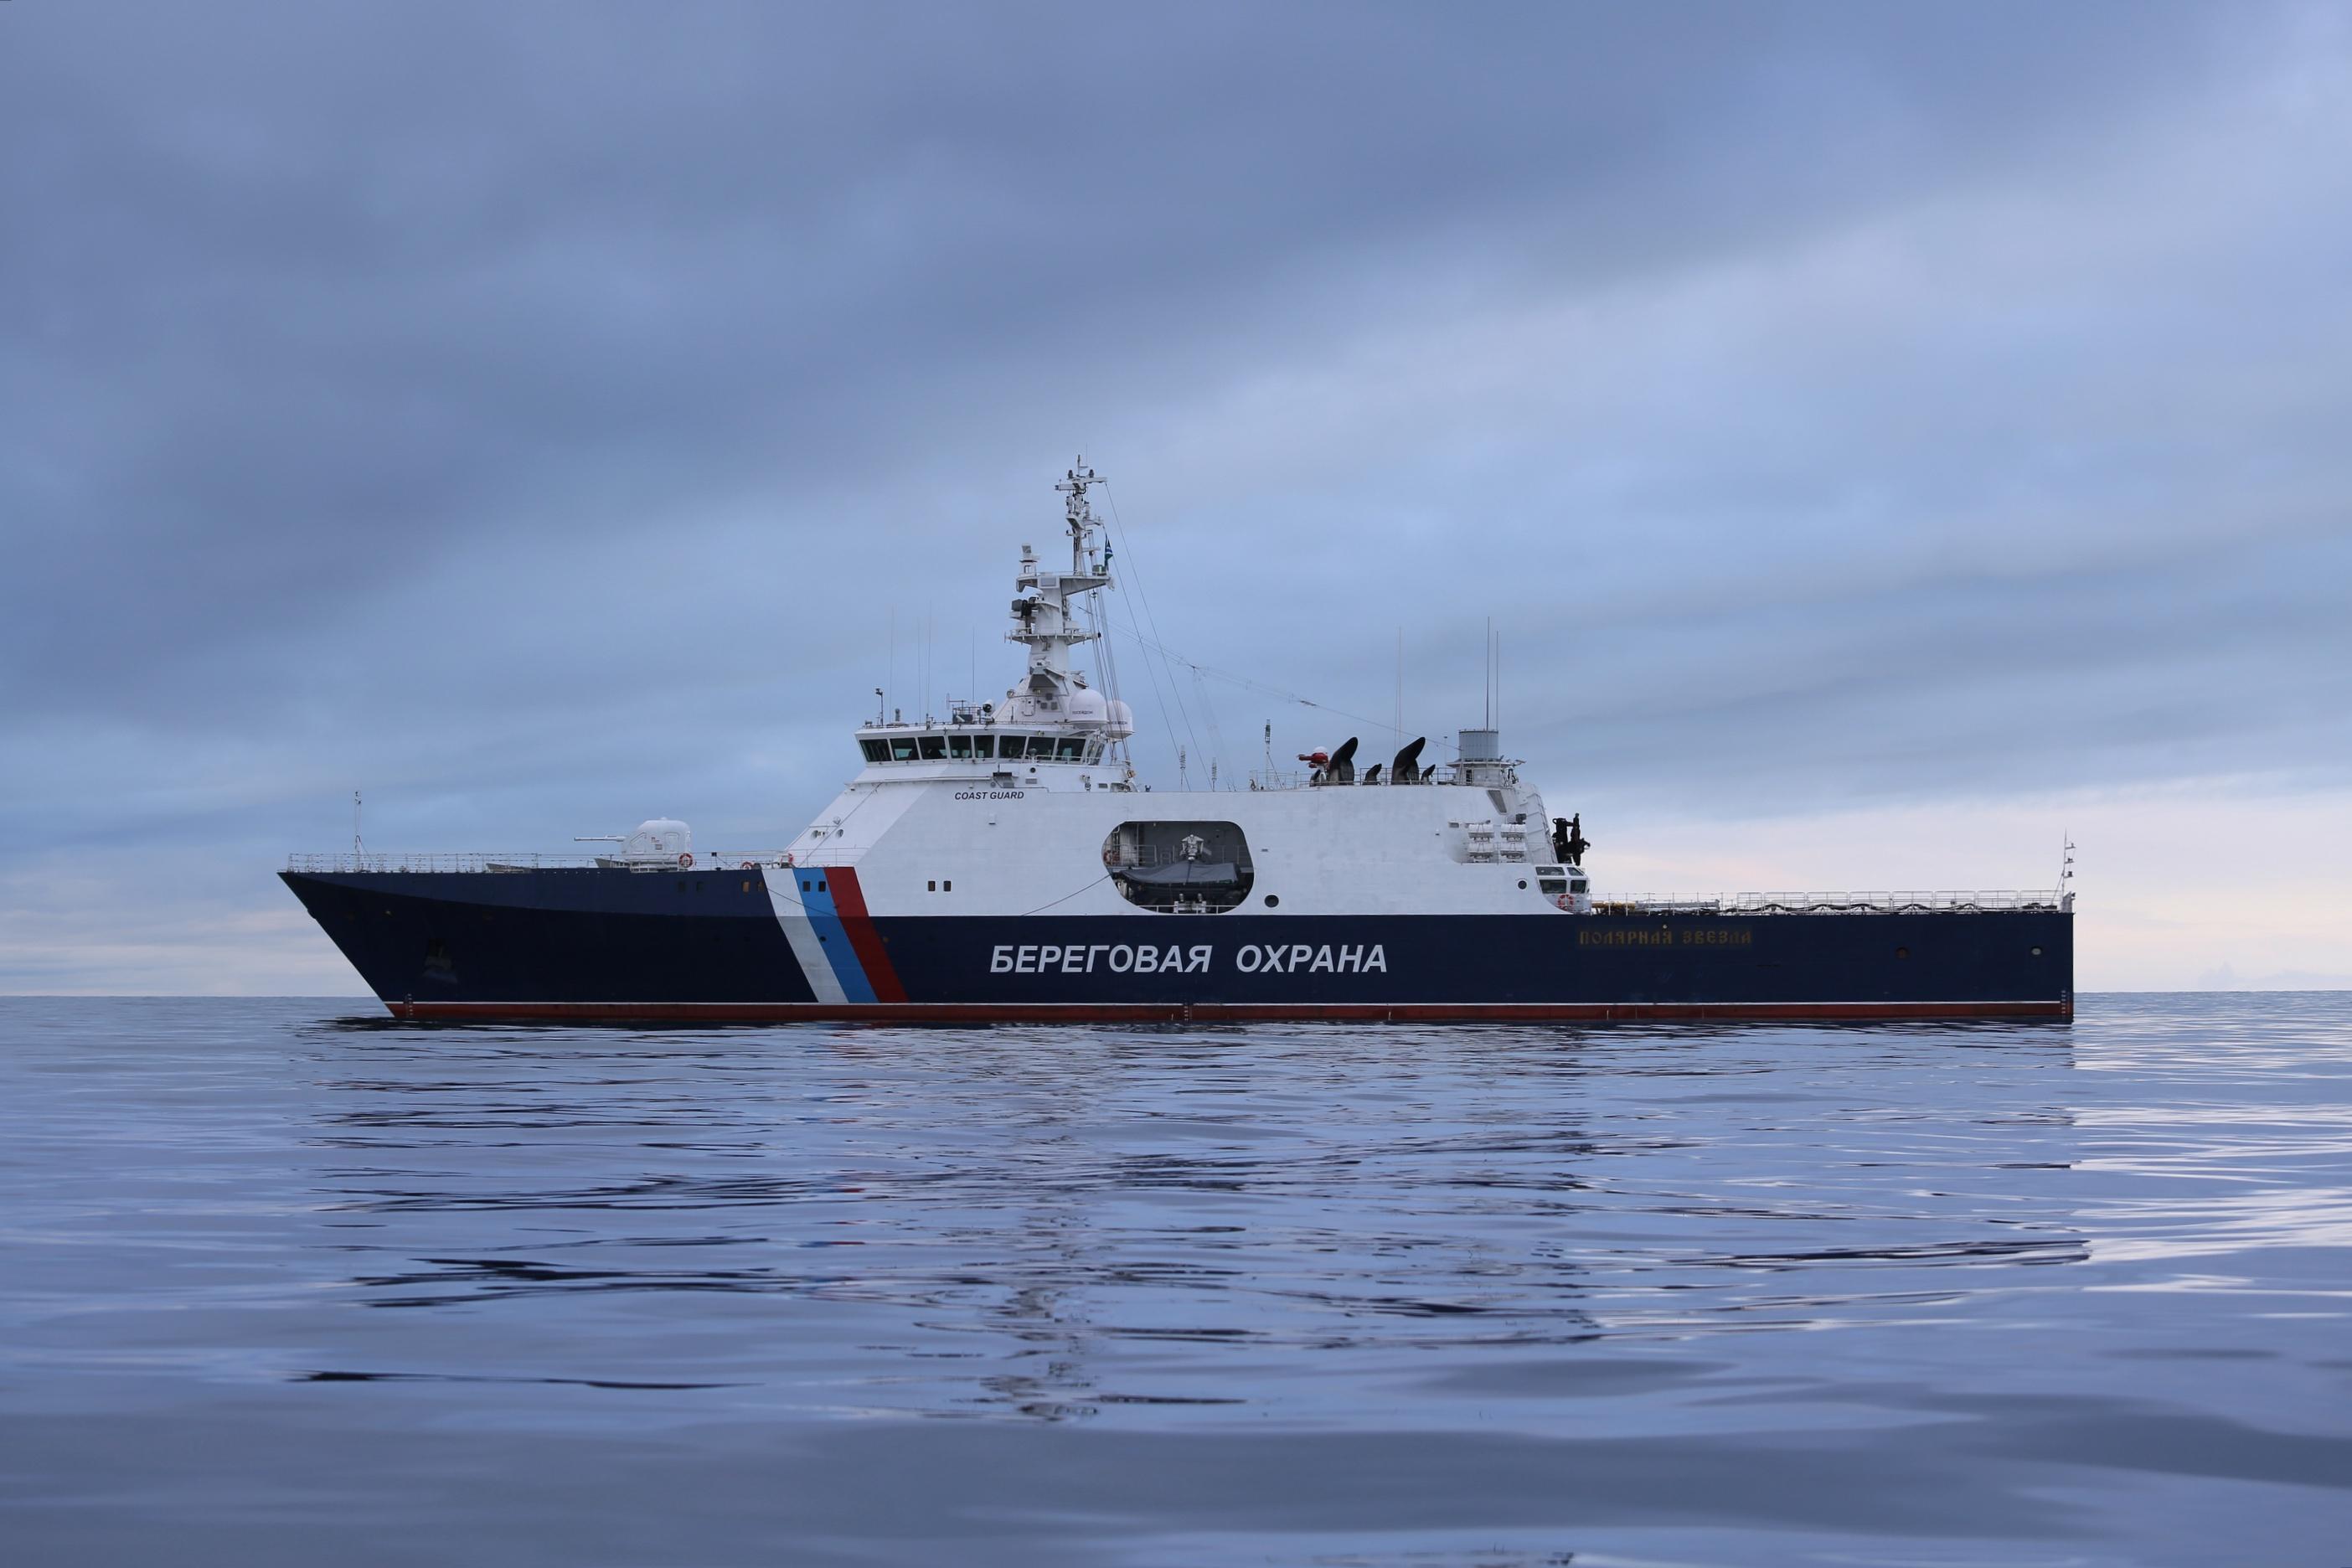 береговая охрана корабль картинки выборе дымовой шашки